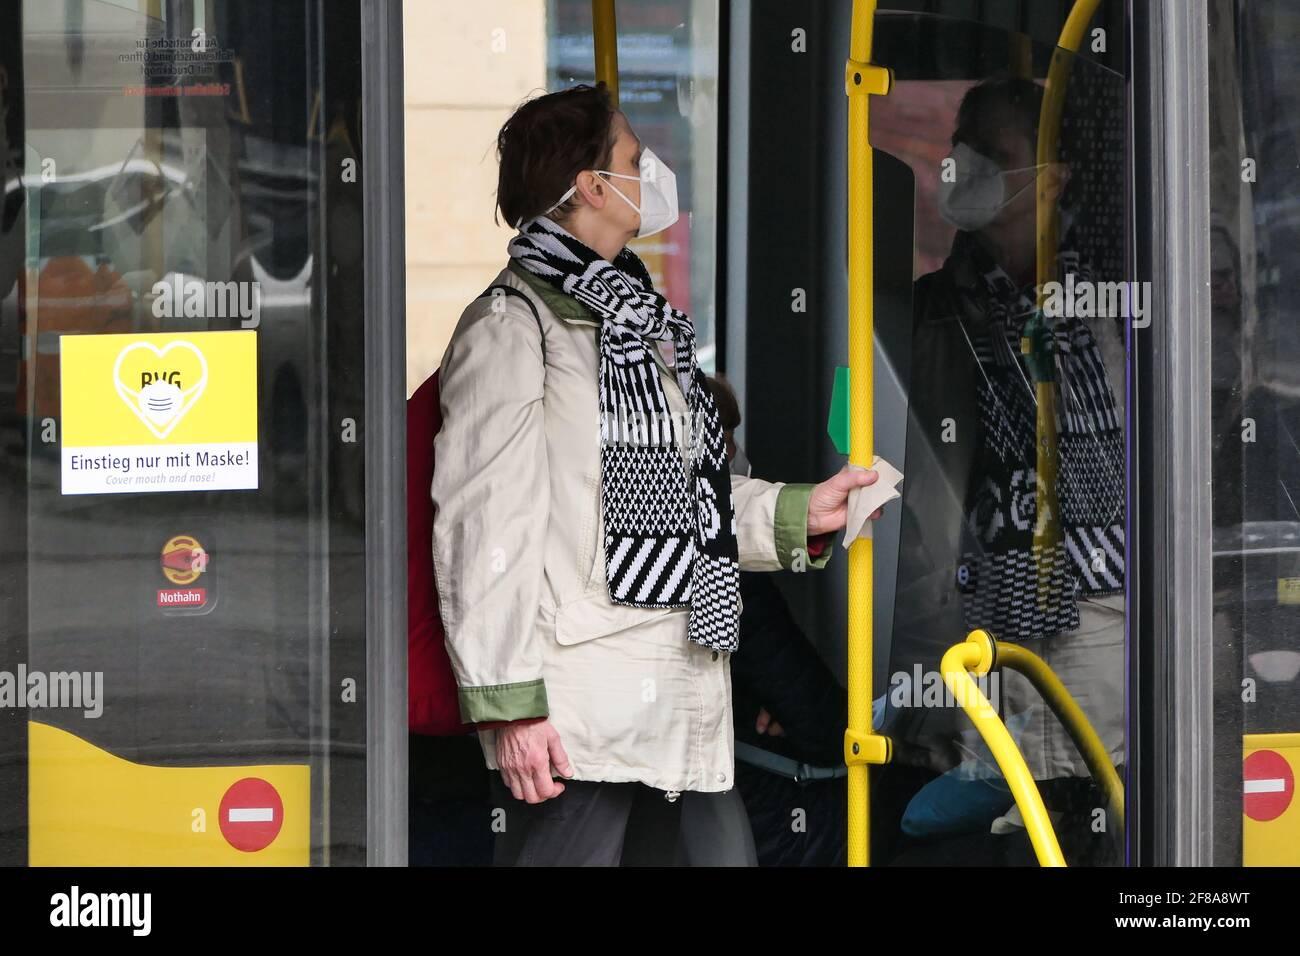 Berlin, Allemagne. 12 avril 2021. Un passager portant un masque se tient dans un bus à Berlin, capitale de l'Allemagne, le 12 avril 2021. Selon l'Institut Robert Koch (RKI), plus de trois millions d'infections à COVID-19 ont été enregistrées lundi en Allemagne depuis le début de la pandémie. Credit: Stefan Zeitz/Xinhua/Alay Live News Banque D'Images